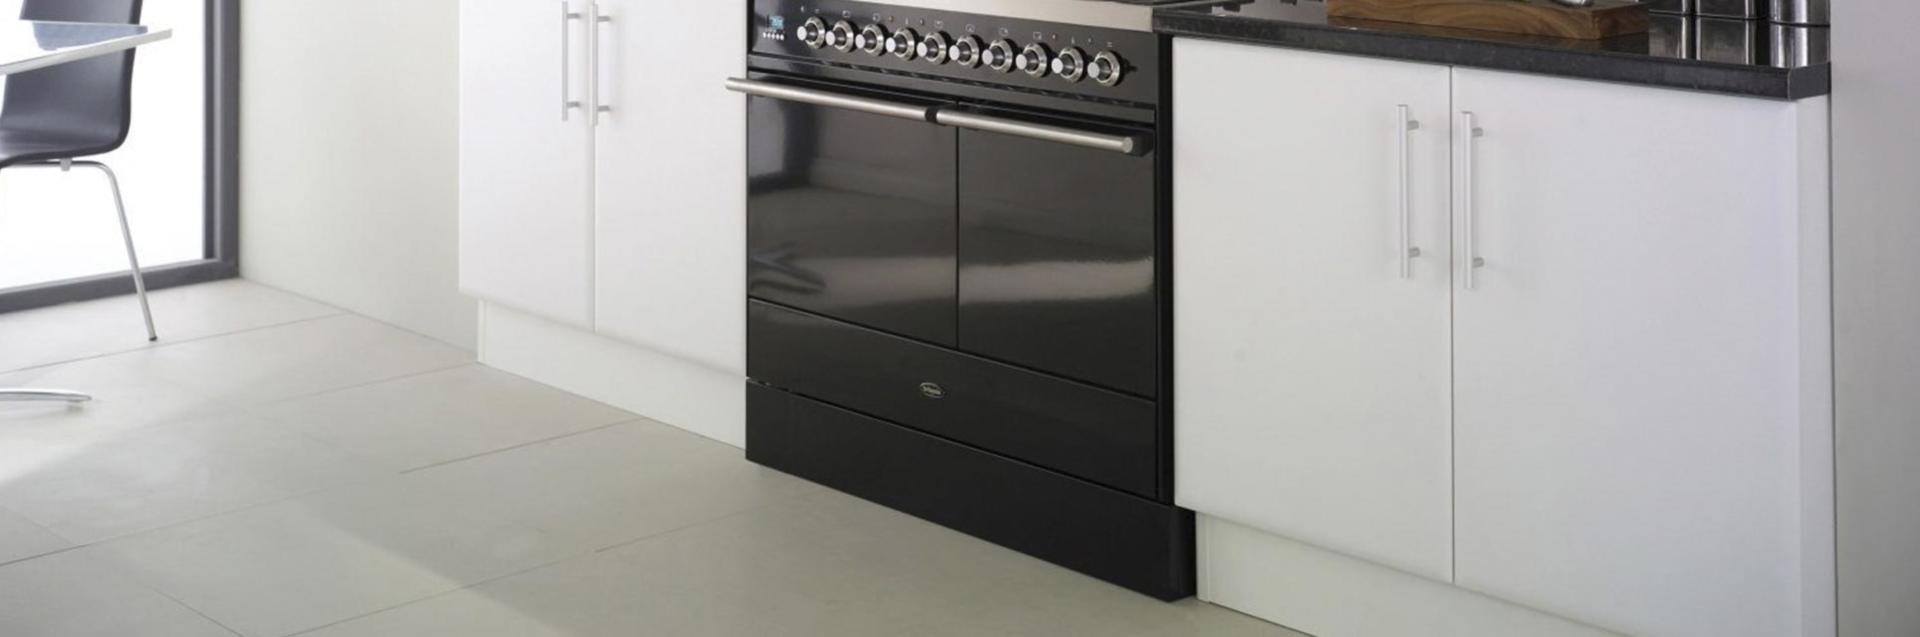 Servicio técnico hornos aeg